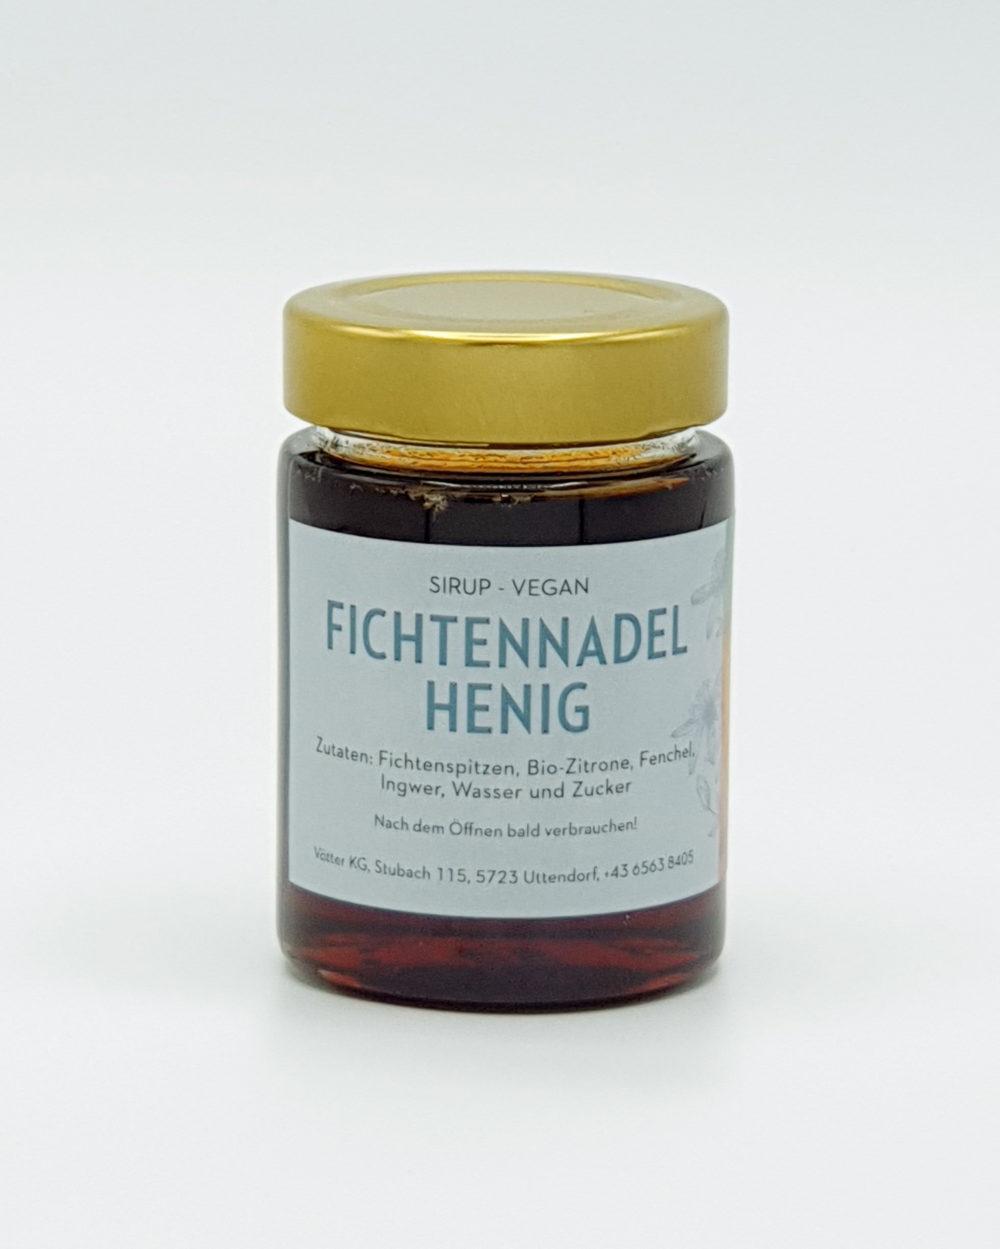 Fichtennadel Henig (Sirup)